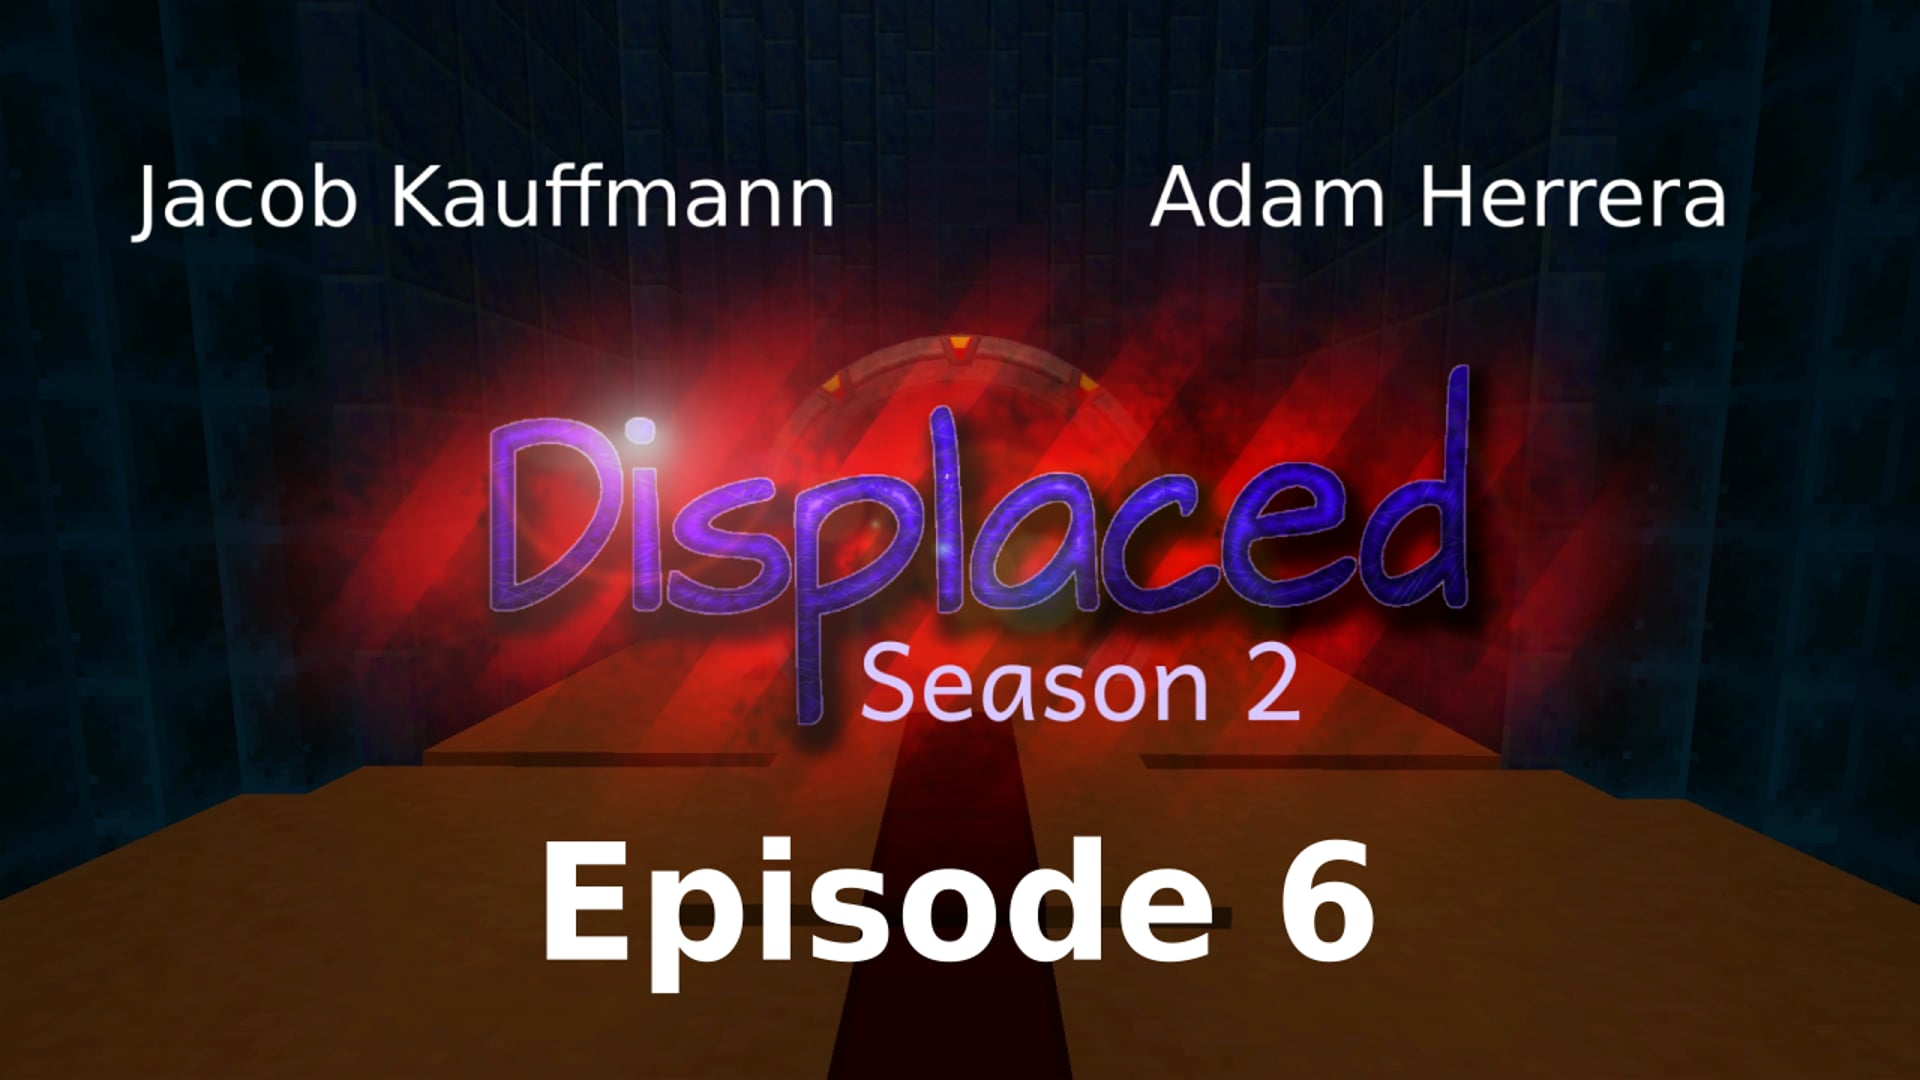 Episode 6 - Displaced: Season 2